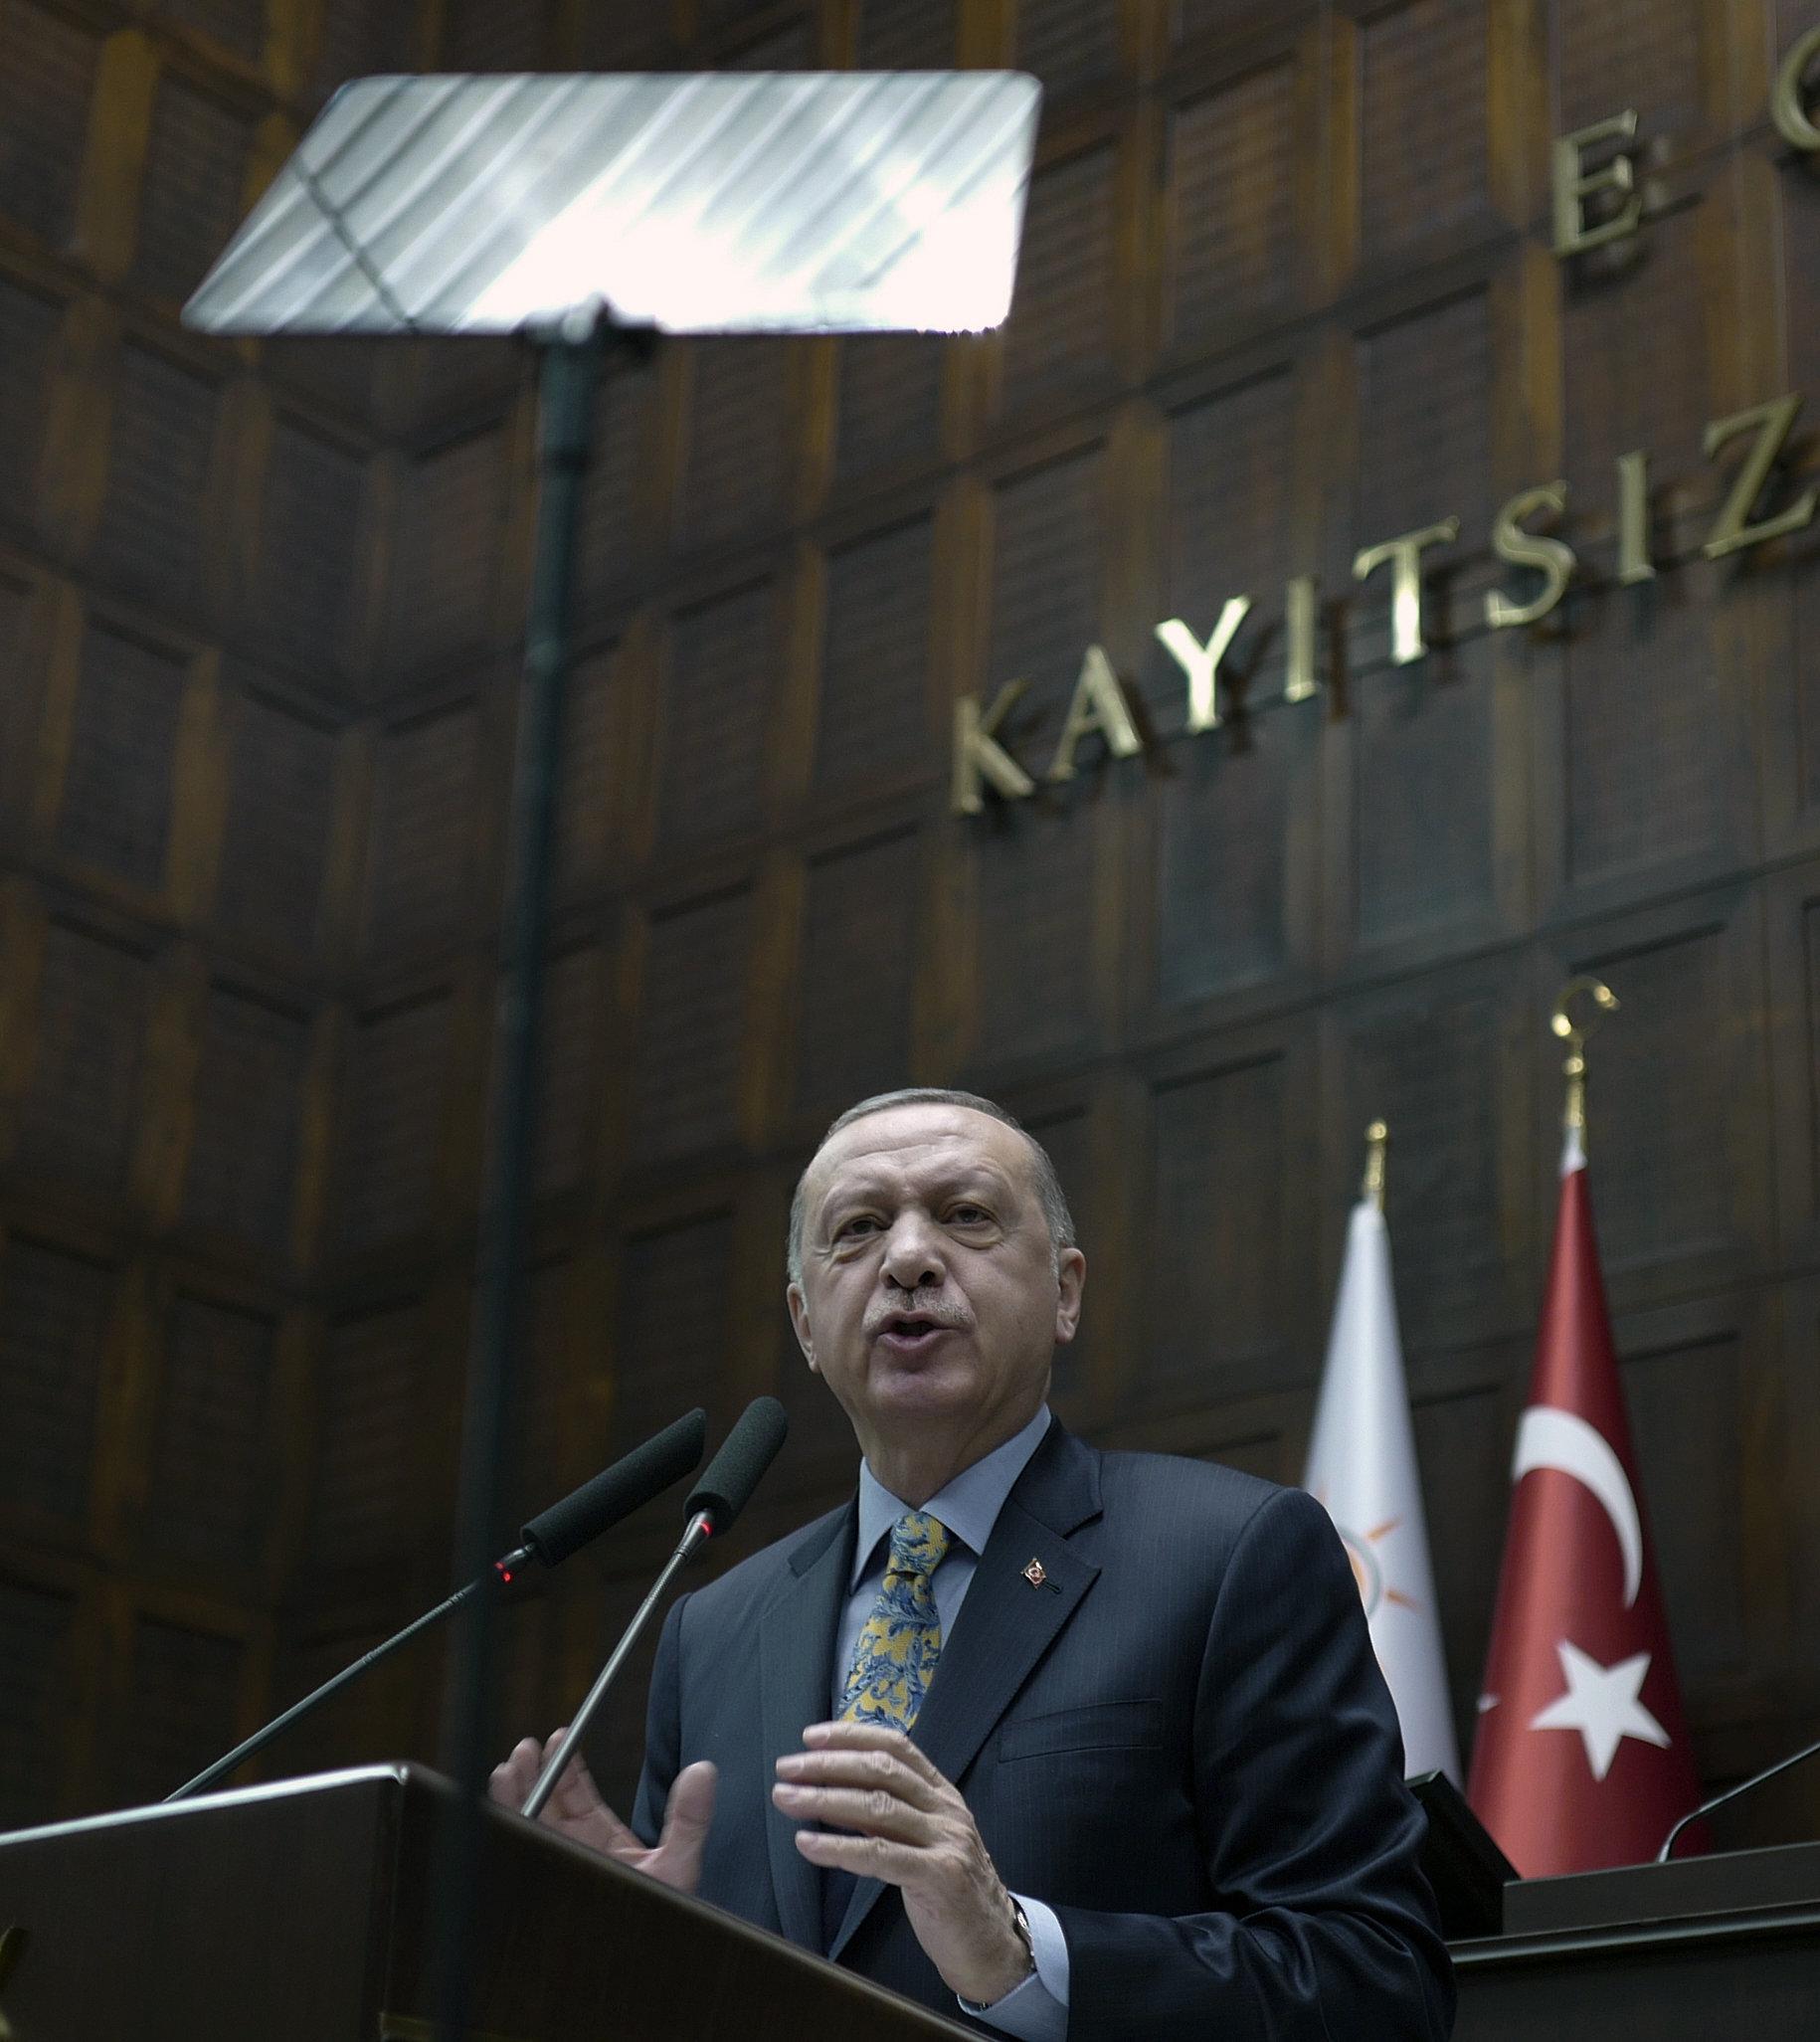 Ερντογάν: Η Τουρκία θα αναλάβει πρωτοβουλίες που θα εγγυηθούν την εδαφική ακεραιότητα της